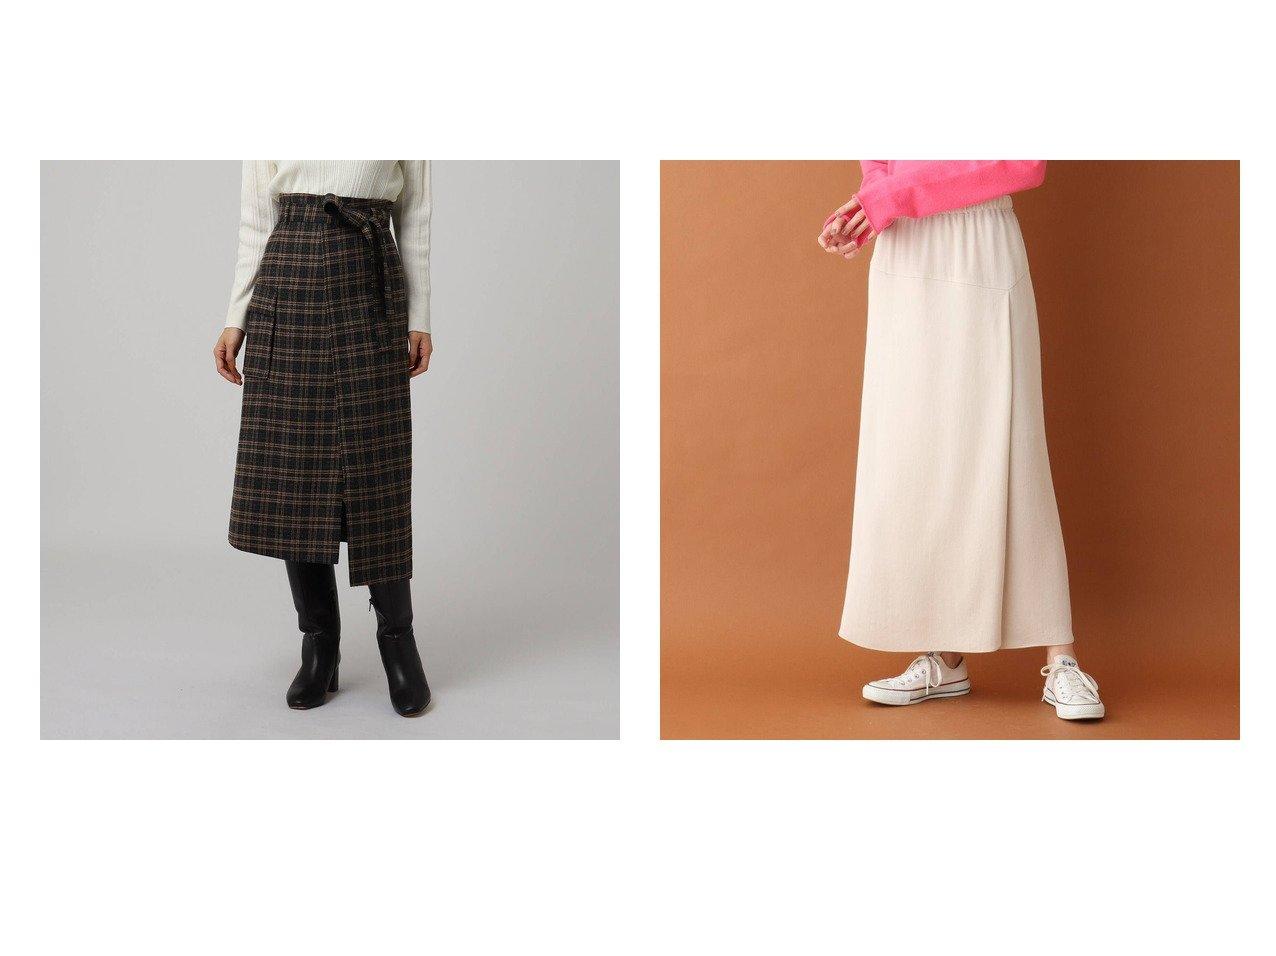 【DRESSTERIOR/ドレステリア】のミカゲバックサテンスカート&【UNTITLED/アンタイトル】のパオレッティ アシンメトリーチェックスカート スカートのおすすめ!人気、レディースファッションの通販 おすすめで人気のファッション通販商品 インテリア・家具・キッズファッション・メンズファッション・レディースファッション・服の通販 founy(ファニー) https://founy.com/ ファッション Fashion レディース WOMEN スカート Skirt イタリア カッティング スペシャル チェック ドット パッチ ポケット ミックス メタル メランジ キュプラ サテン ショート ストレート スリット ラップ |ID:crp329100000004896